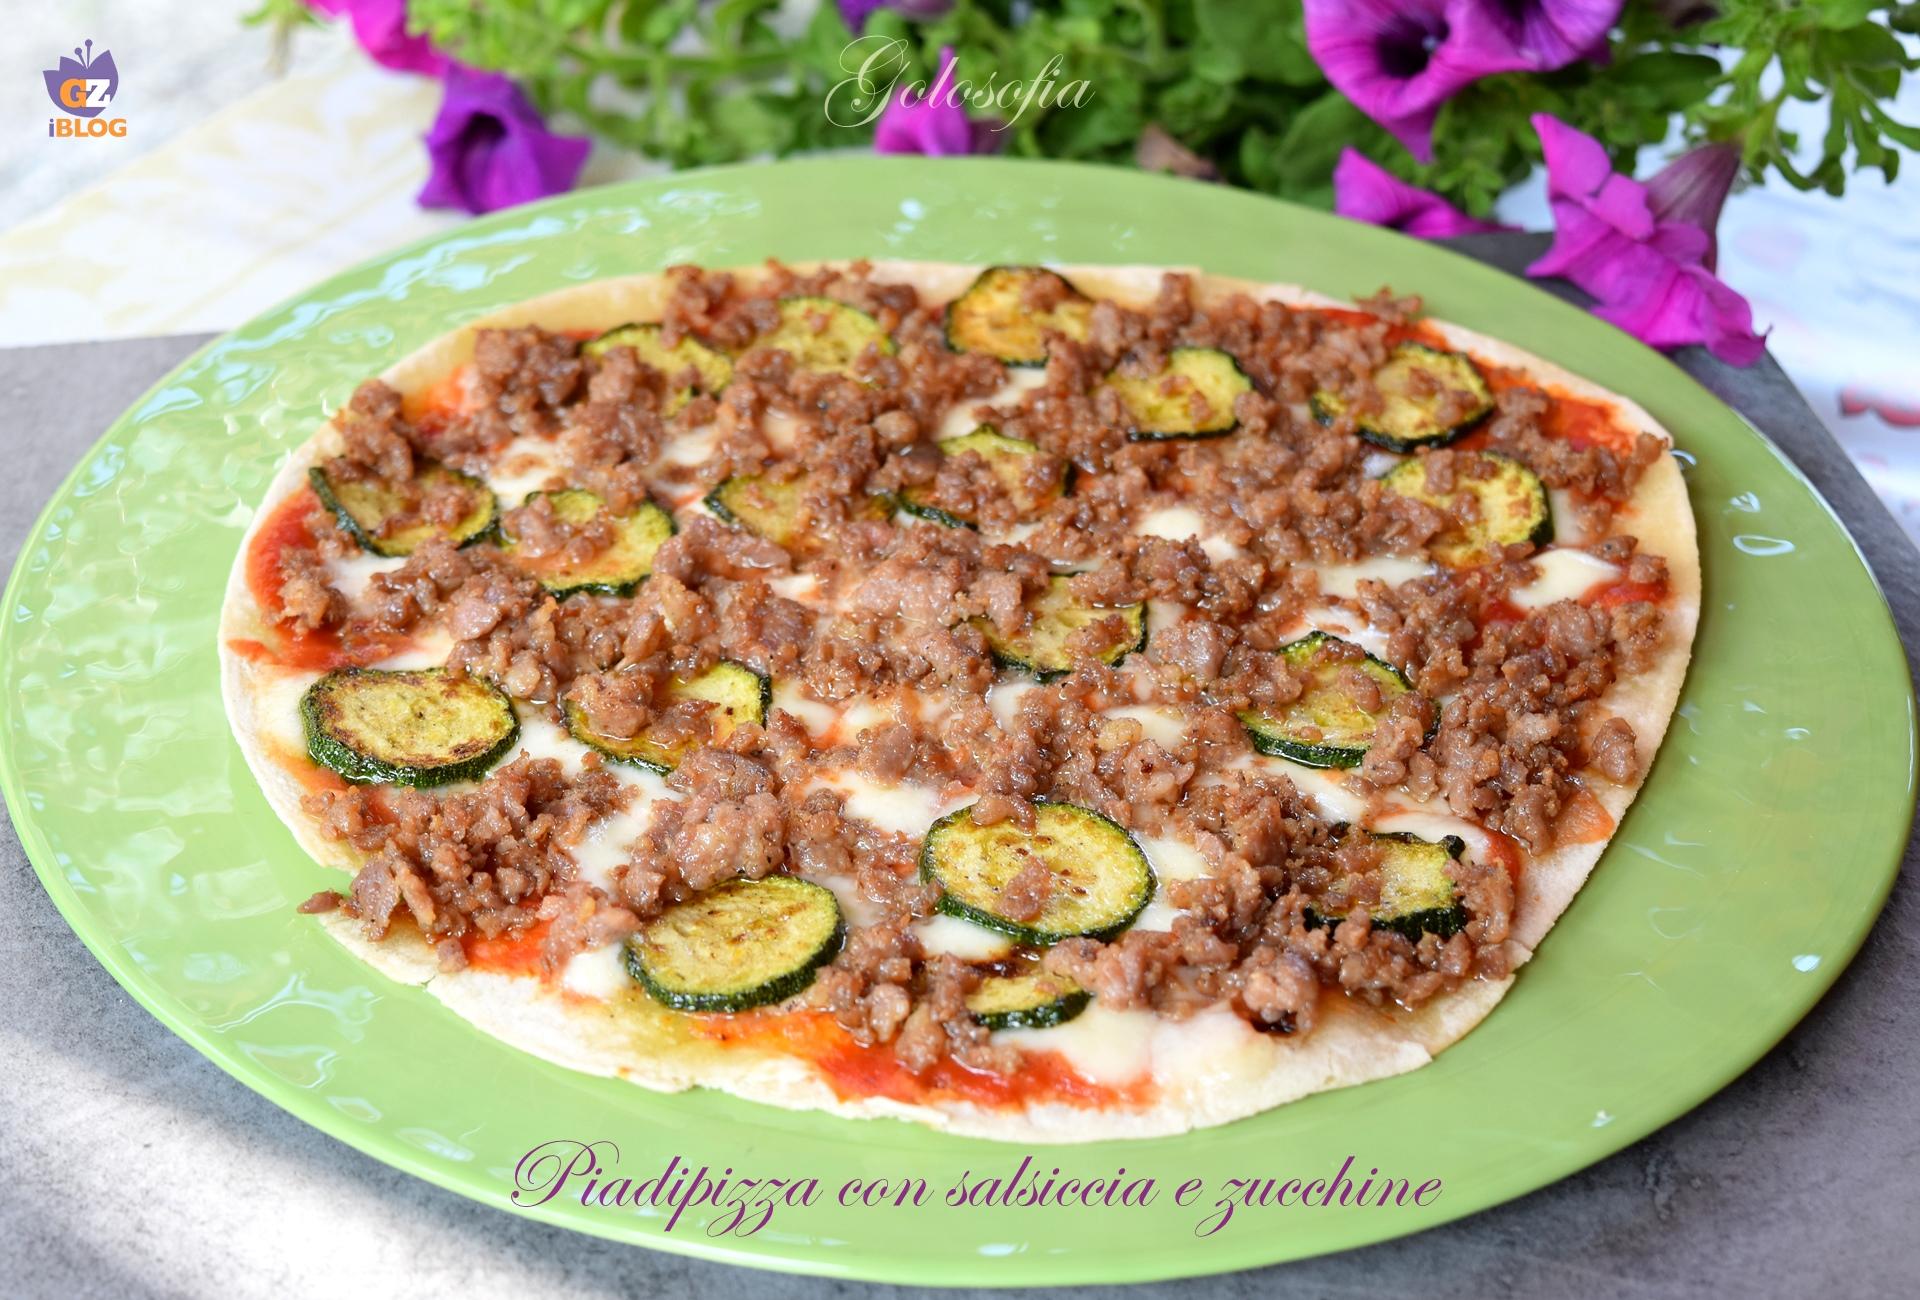 Piadipizza con salsiccia e zucchine-ricetta piatti unici-golosofia